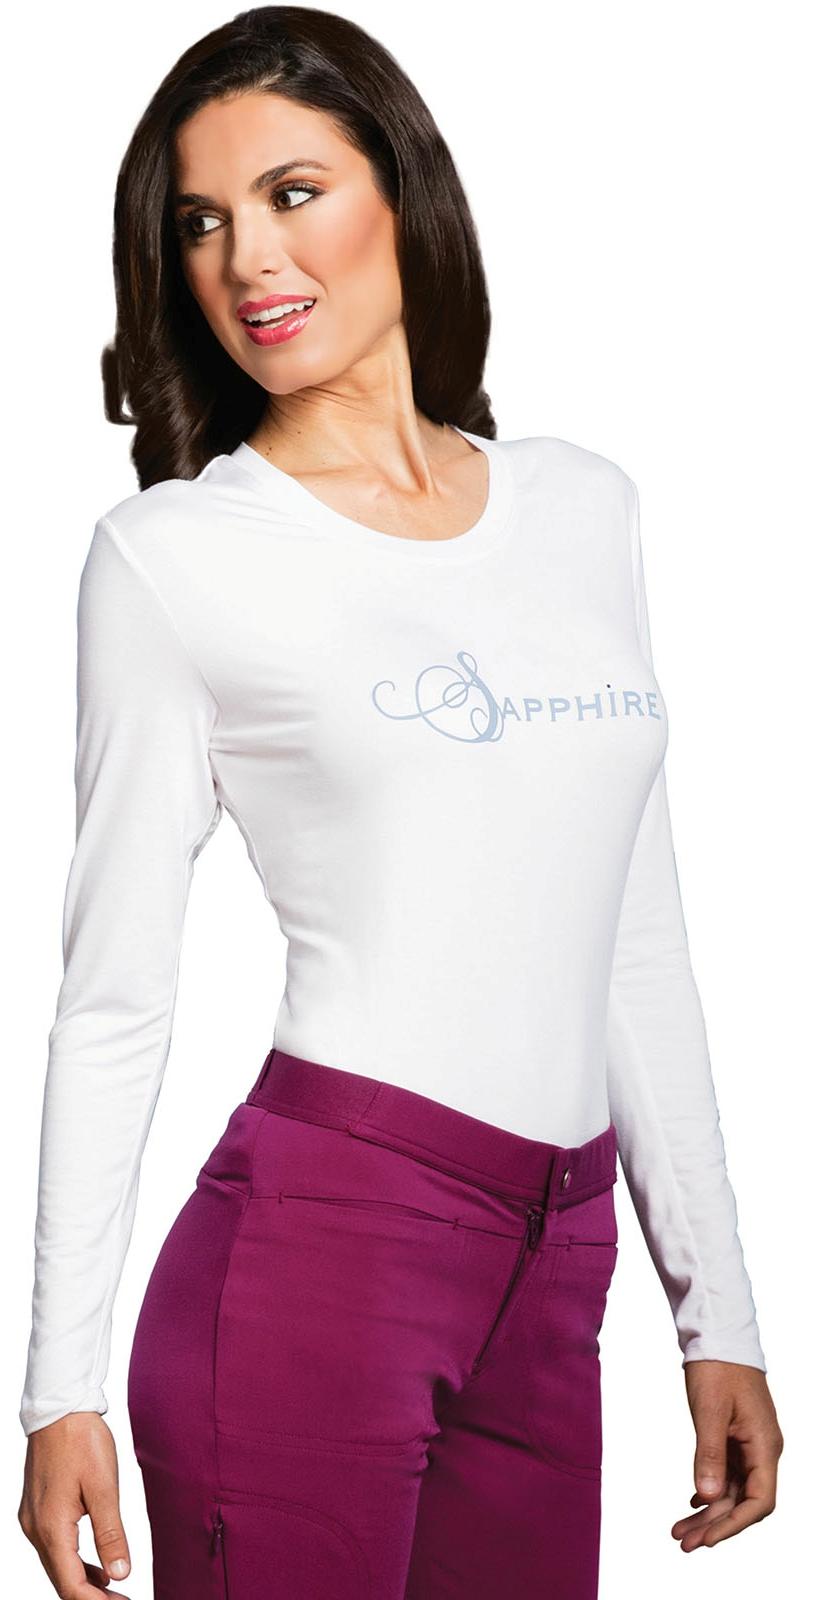 Женская футболка с длинным рукавом Sapphire SA603A